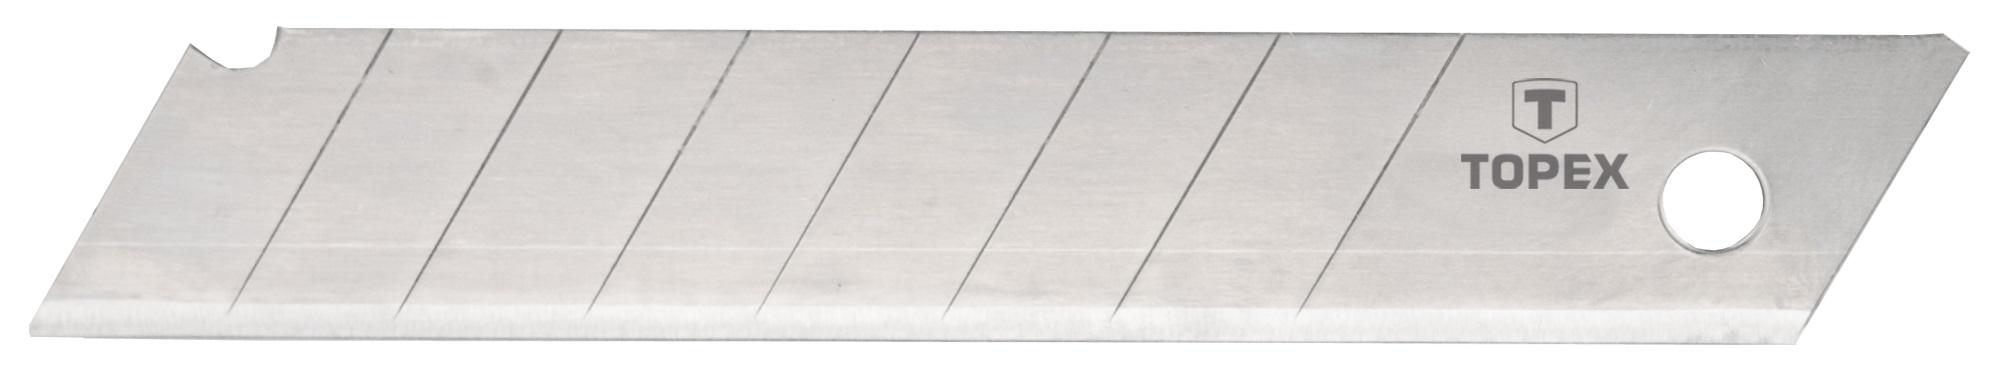 Topex 17B348 Лезвия, отламывающиеся, сменные, 18 мм, набор 10 шт.